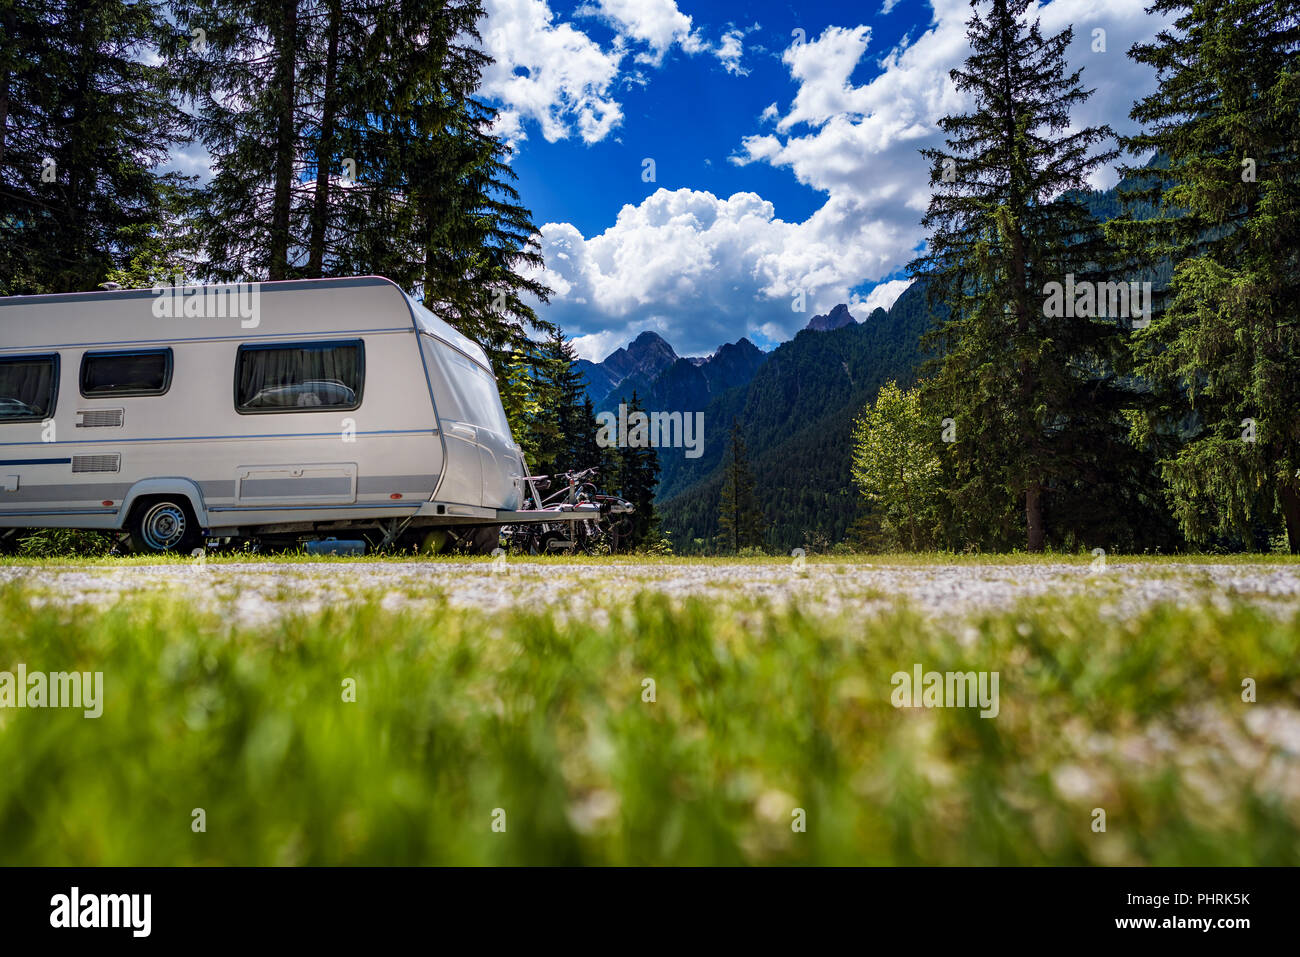 Viajes de vacaciones familiares, viaje de vacaciones en autocaravana, caravana de RV alquiler de vacaciones. Naturaleza Bella Italia paisaje natural de los Alpes. Imagen De Stock